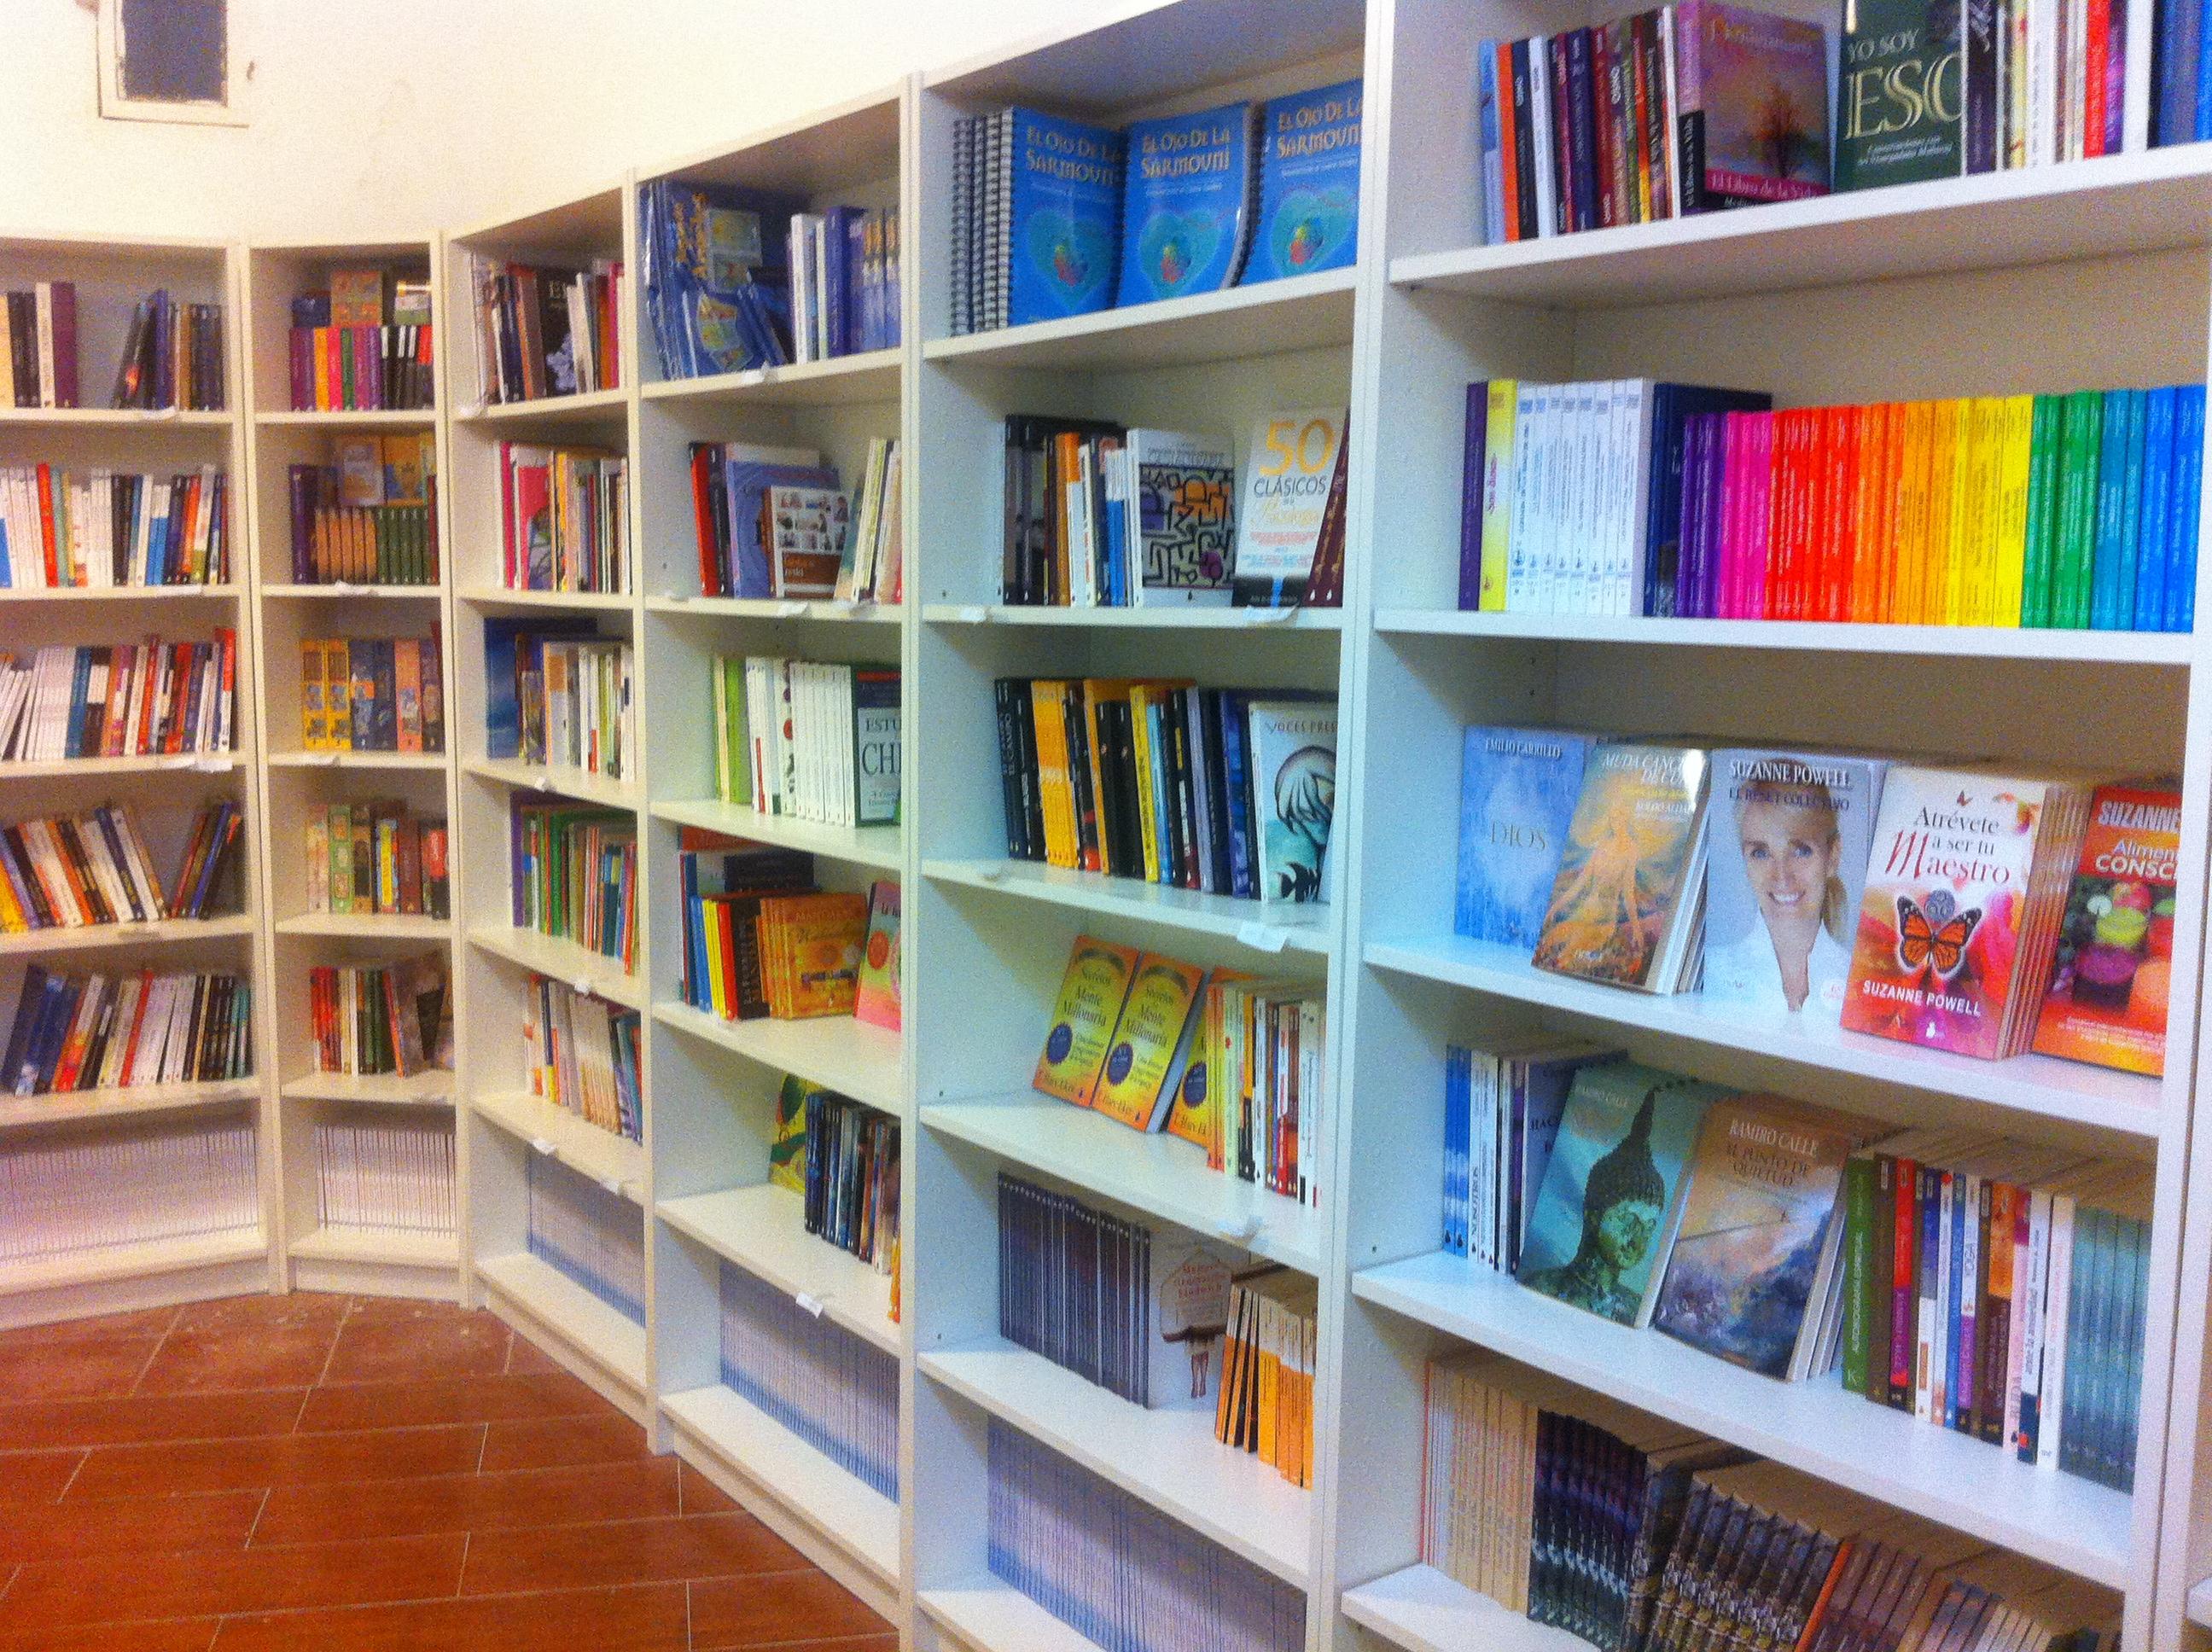 Inauguramos librer a en madrid - Imagenes de librerias ...